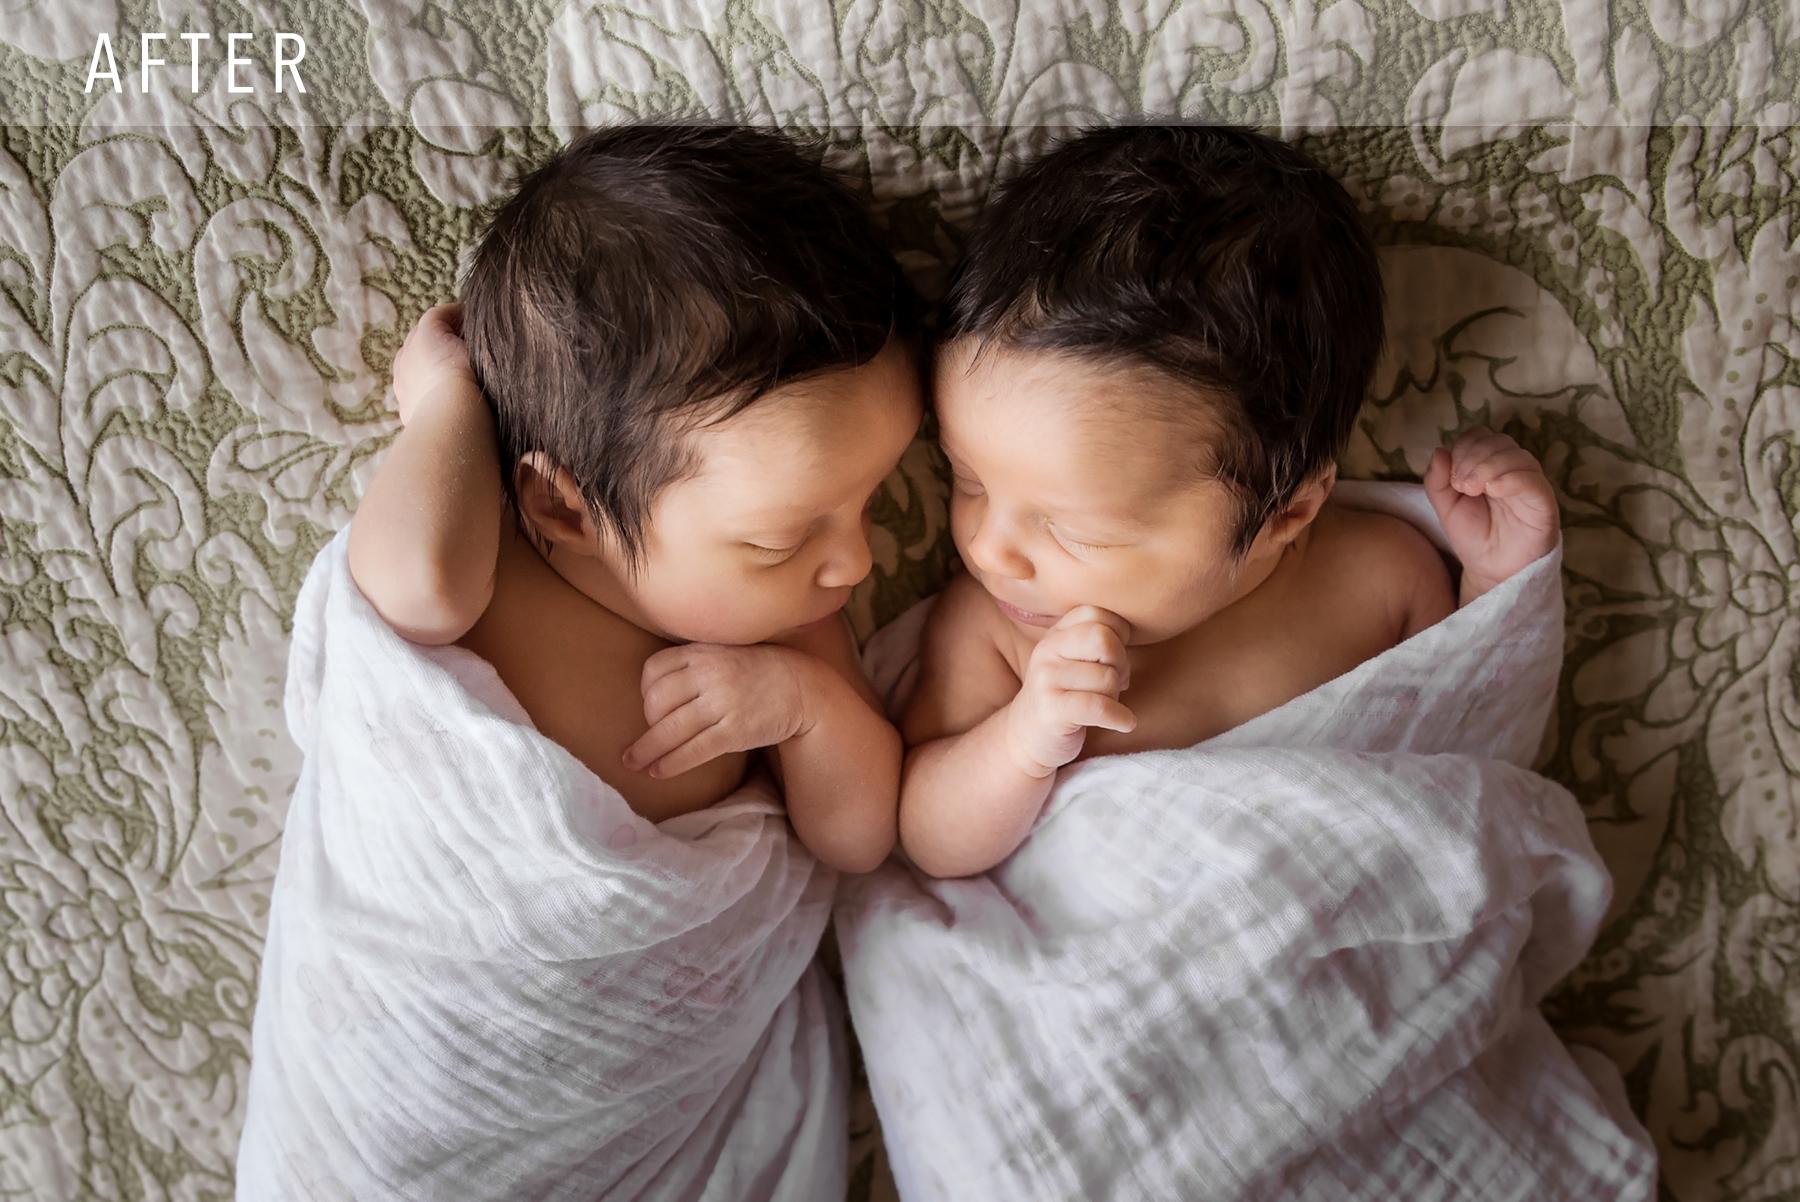 twins_after_bowling green newborn photographer.jpg